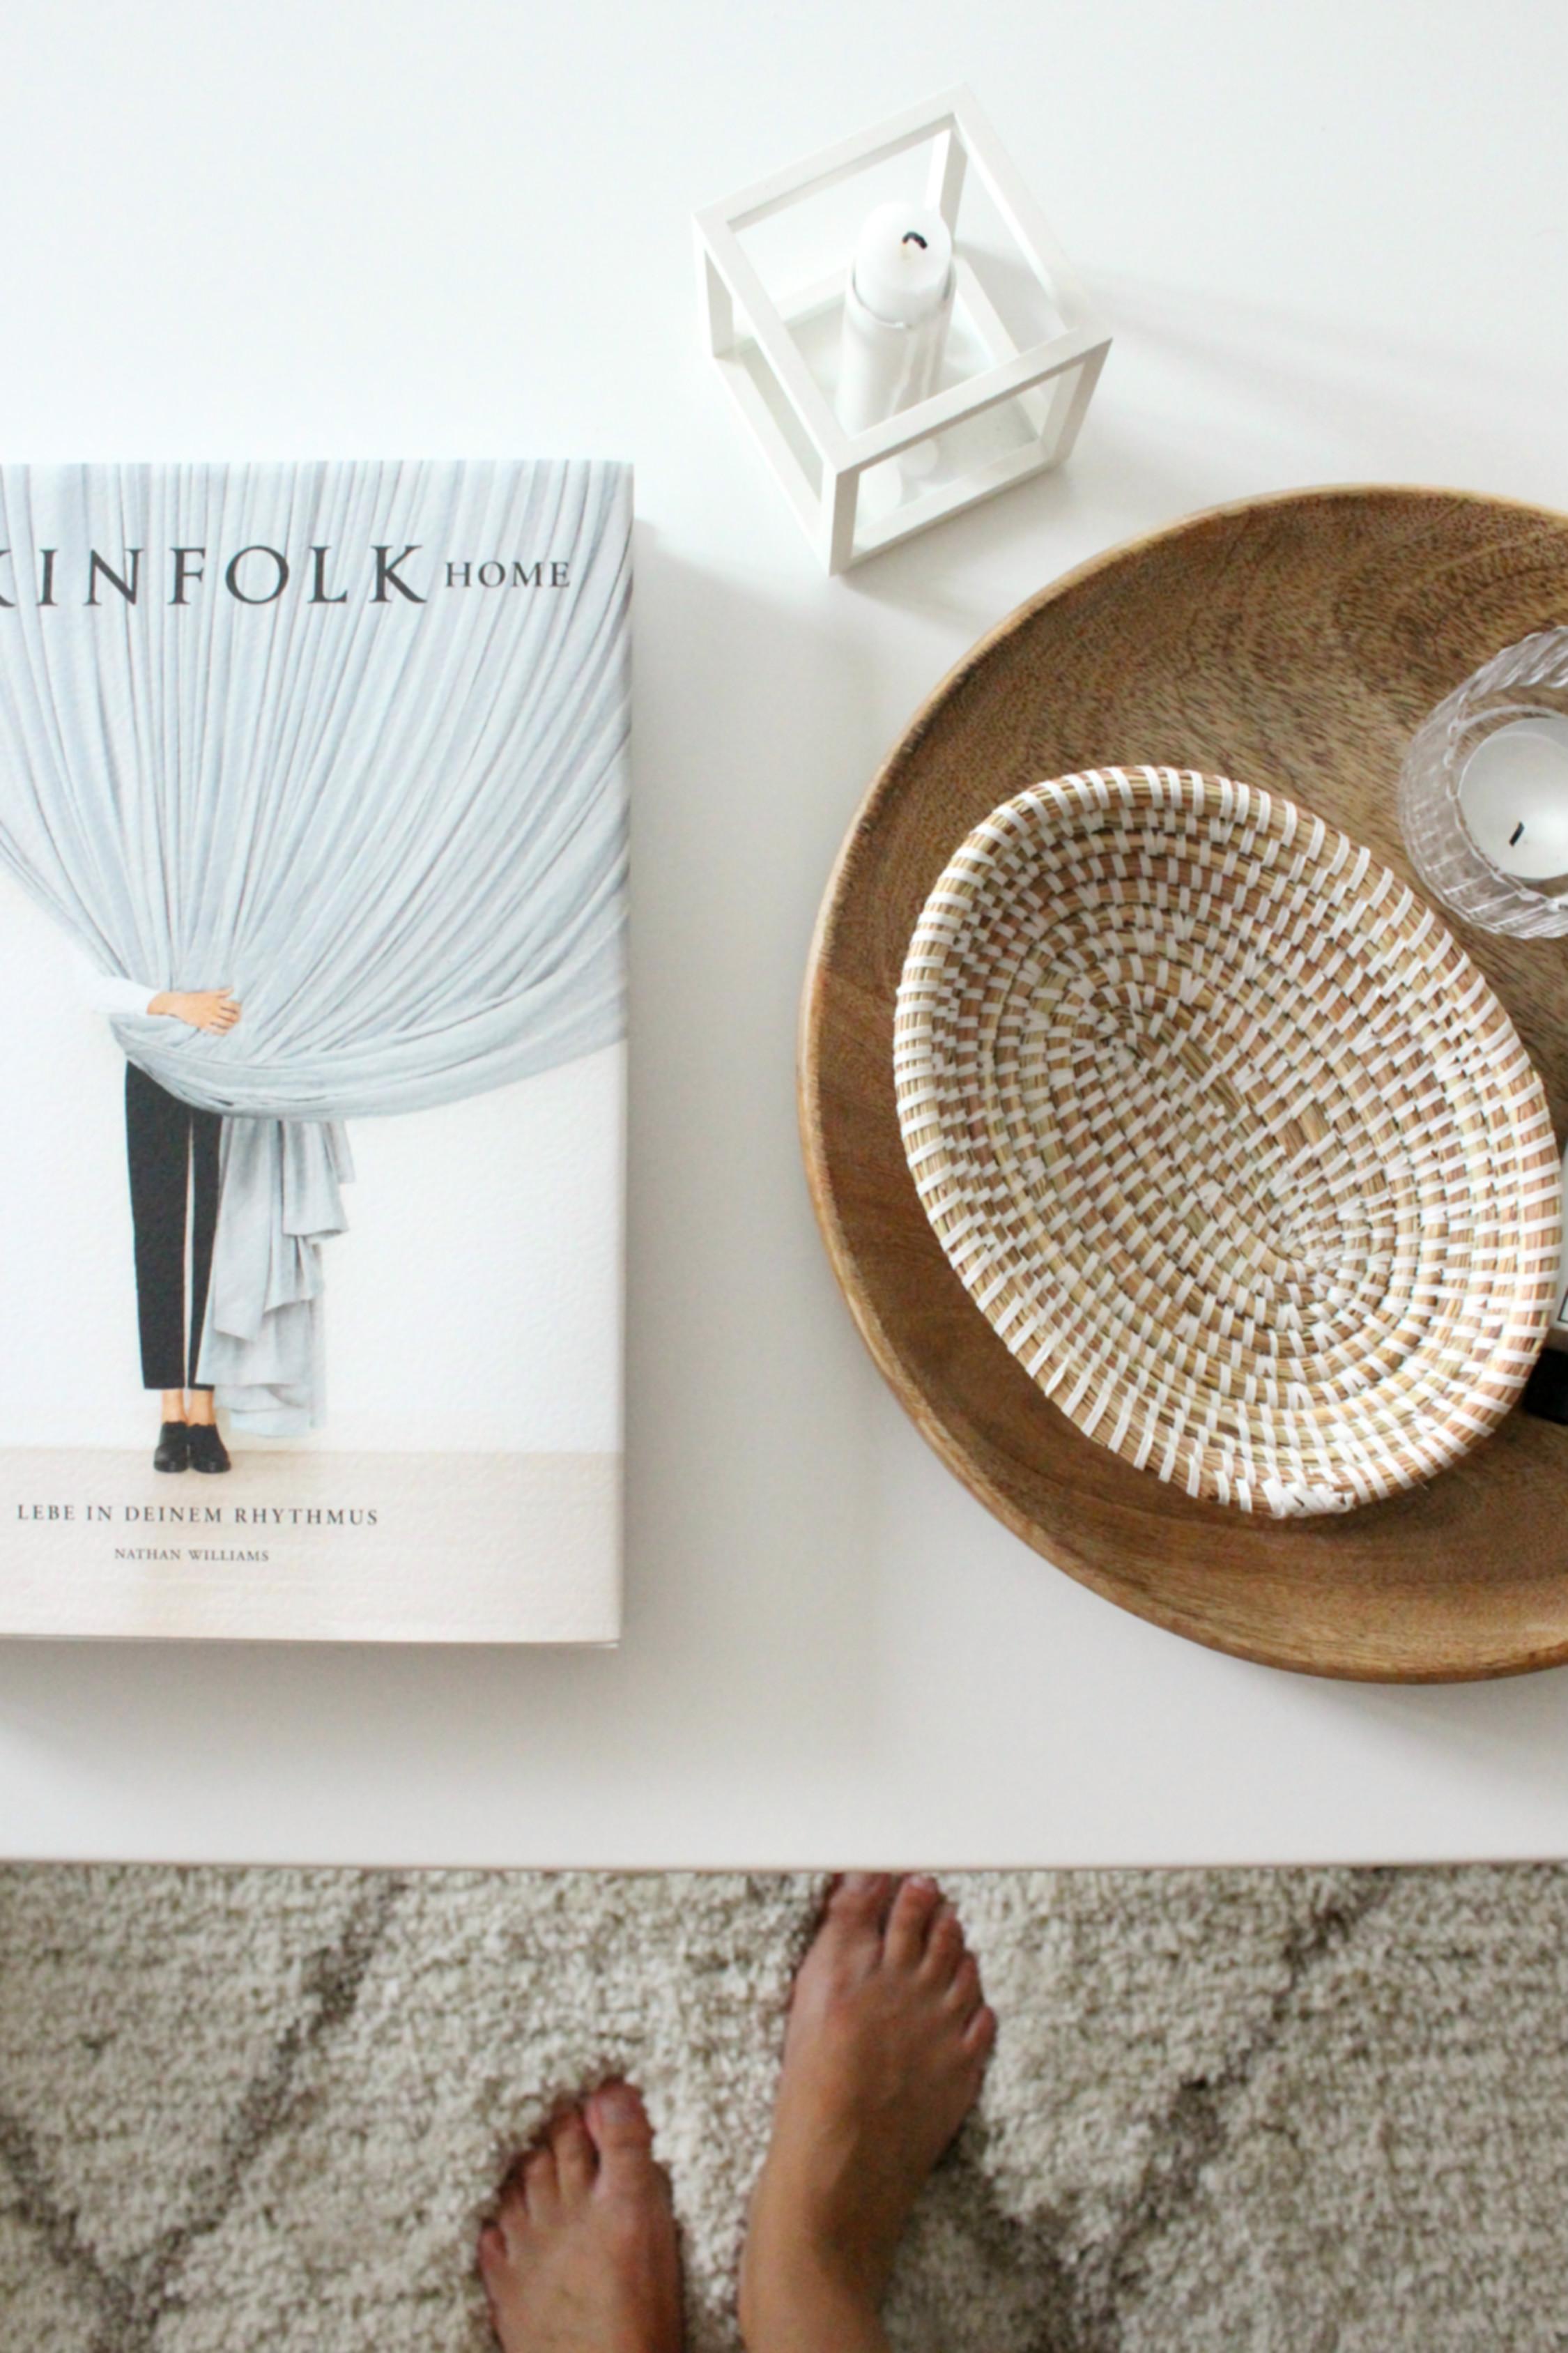 couchtisch • bilder & ideen • couchstyle, Wohnzimmer dekoo